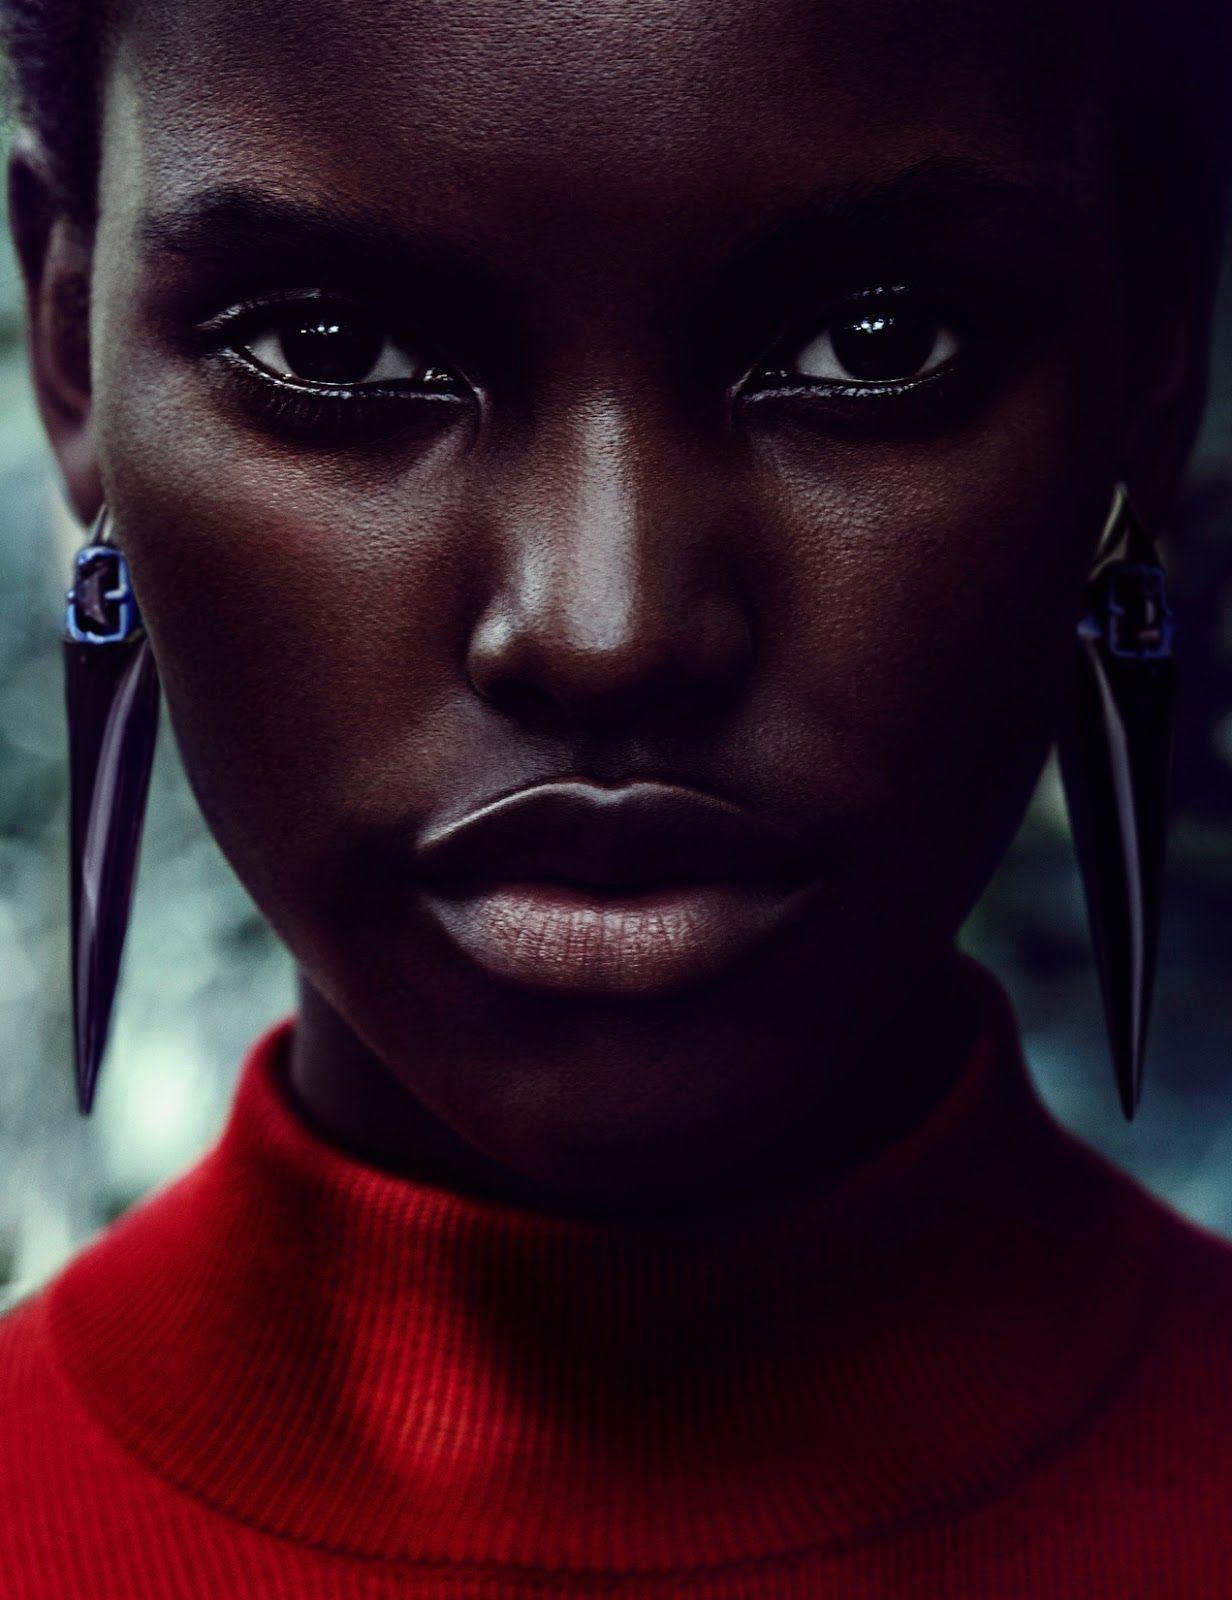 Stunning beauty carnation peau pinterest belles femmes noires portrait f minin et visage - Carnation de peau ...